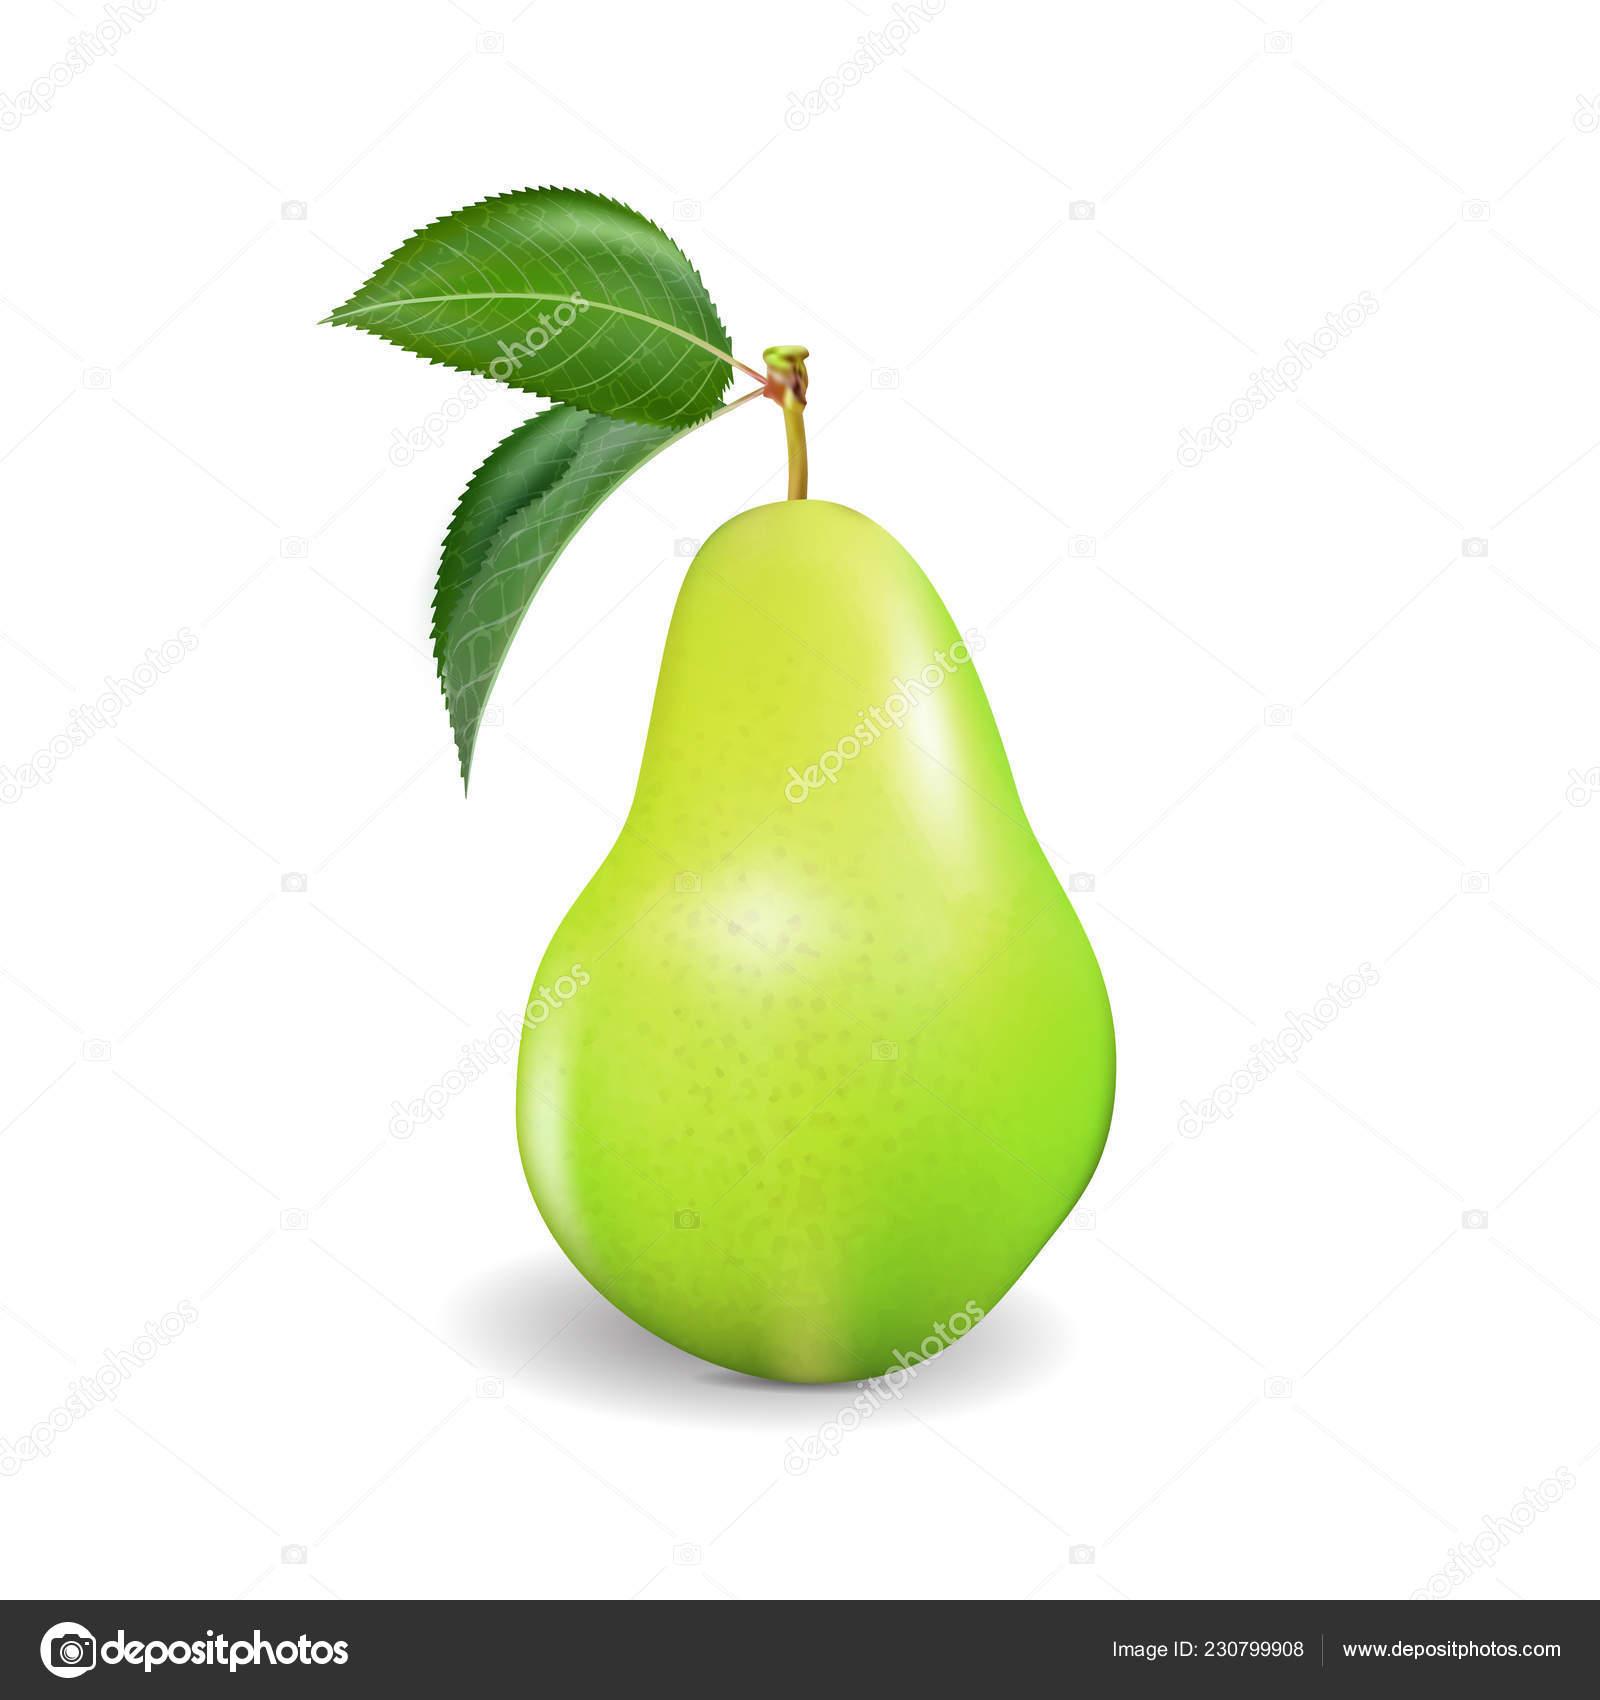 deba438aa5 Realista Pera Pera Verde Bolso Perforación Perforación Bola Saco ...